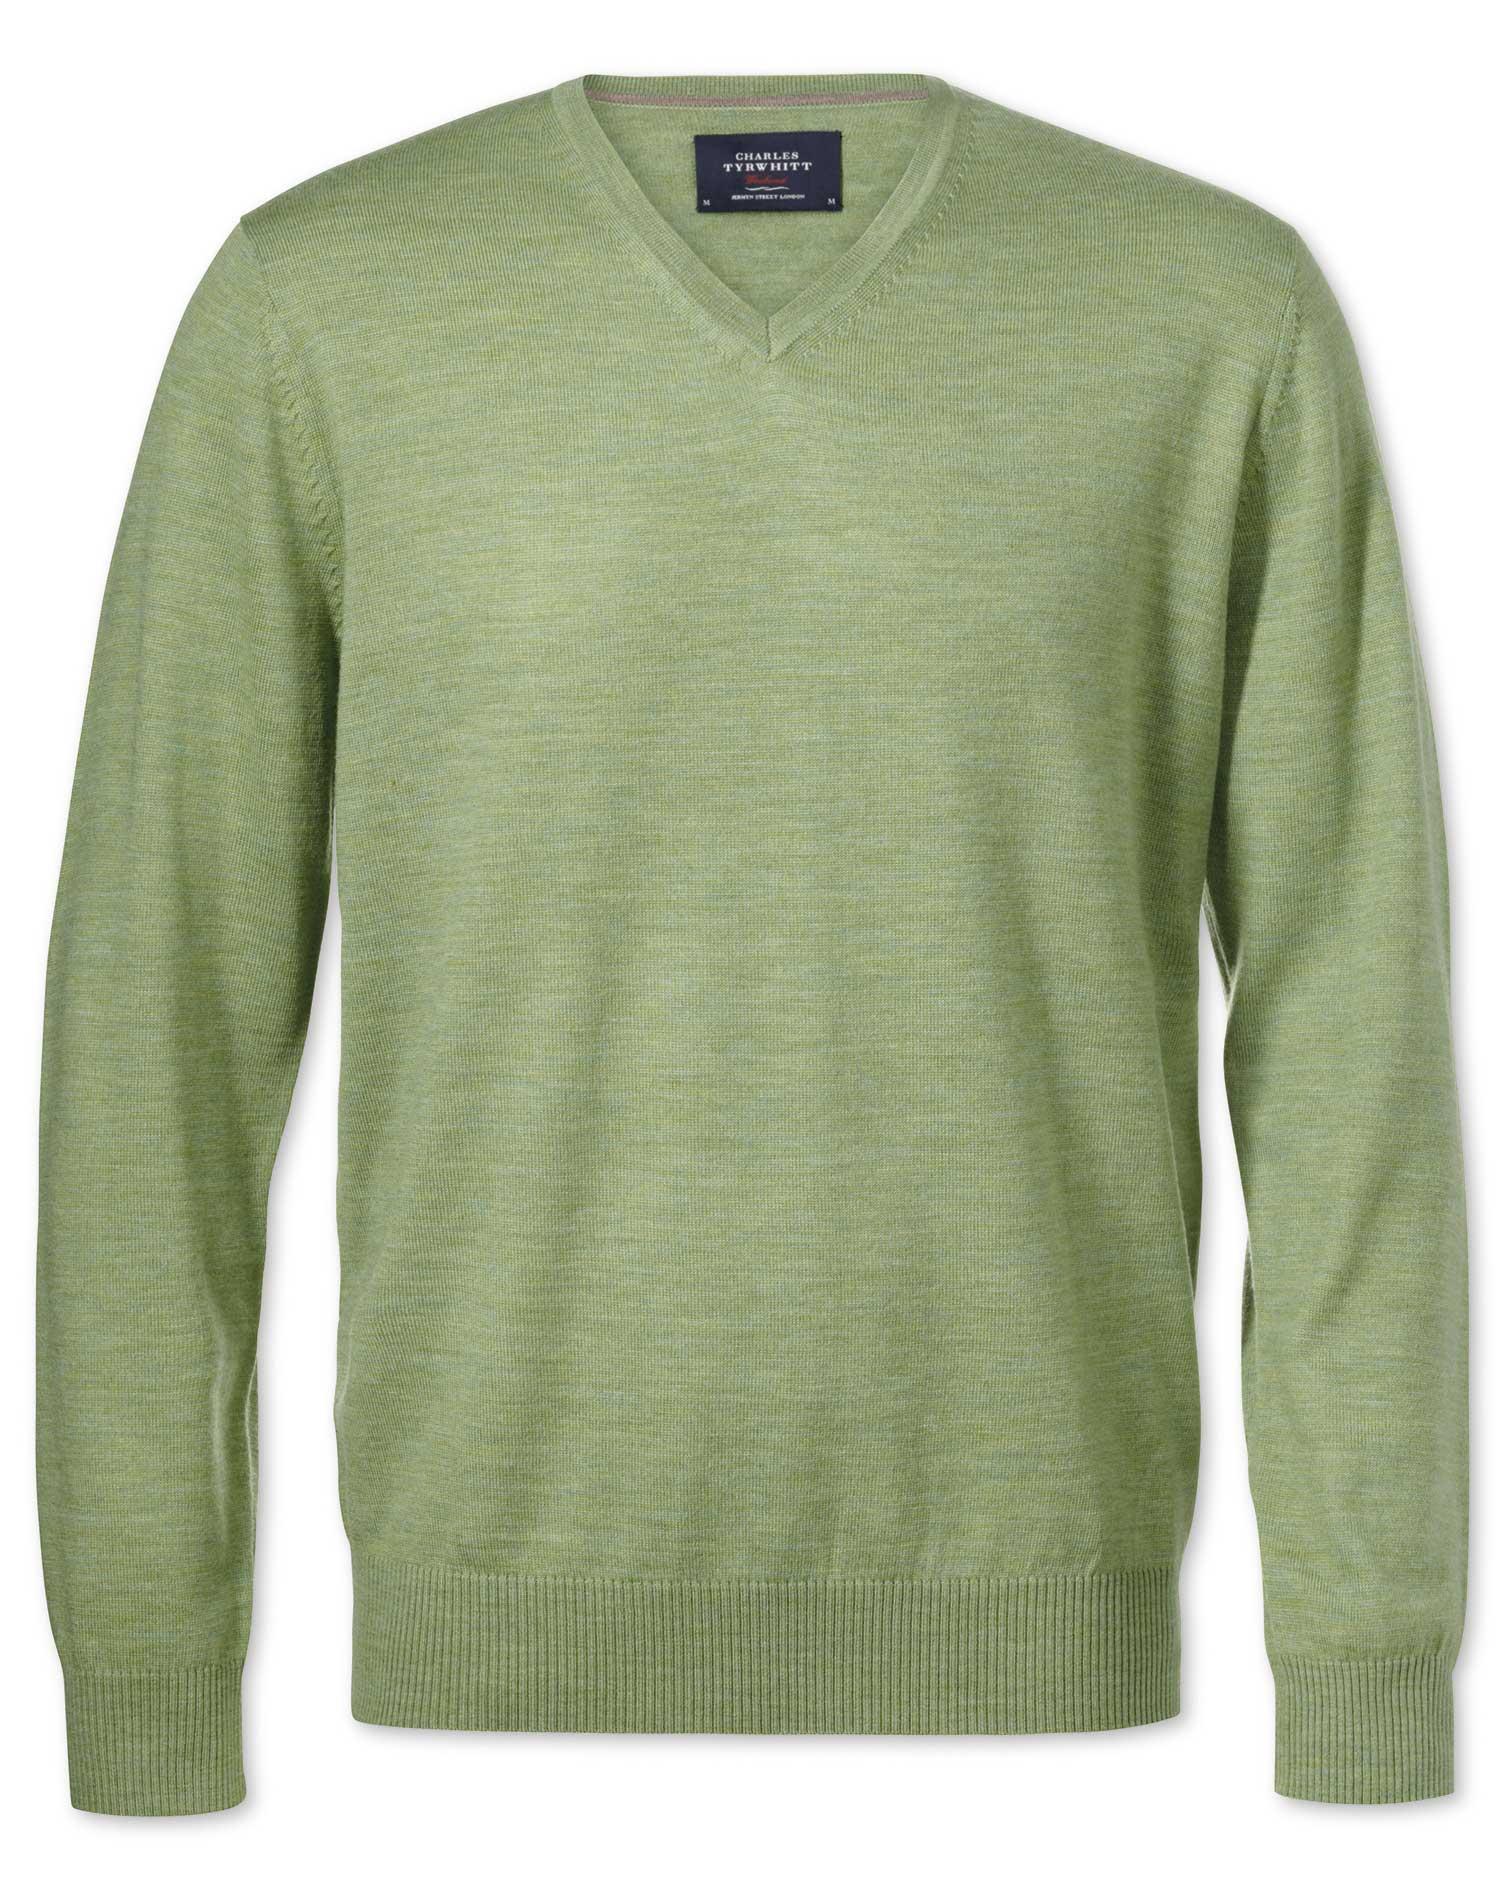 Light Green Merino Wool V-Neck Jumper Size Large by Charles Tyrwhitt